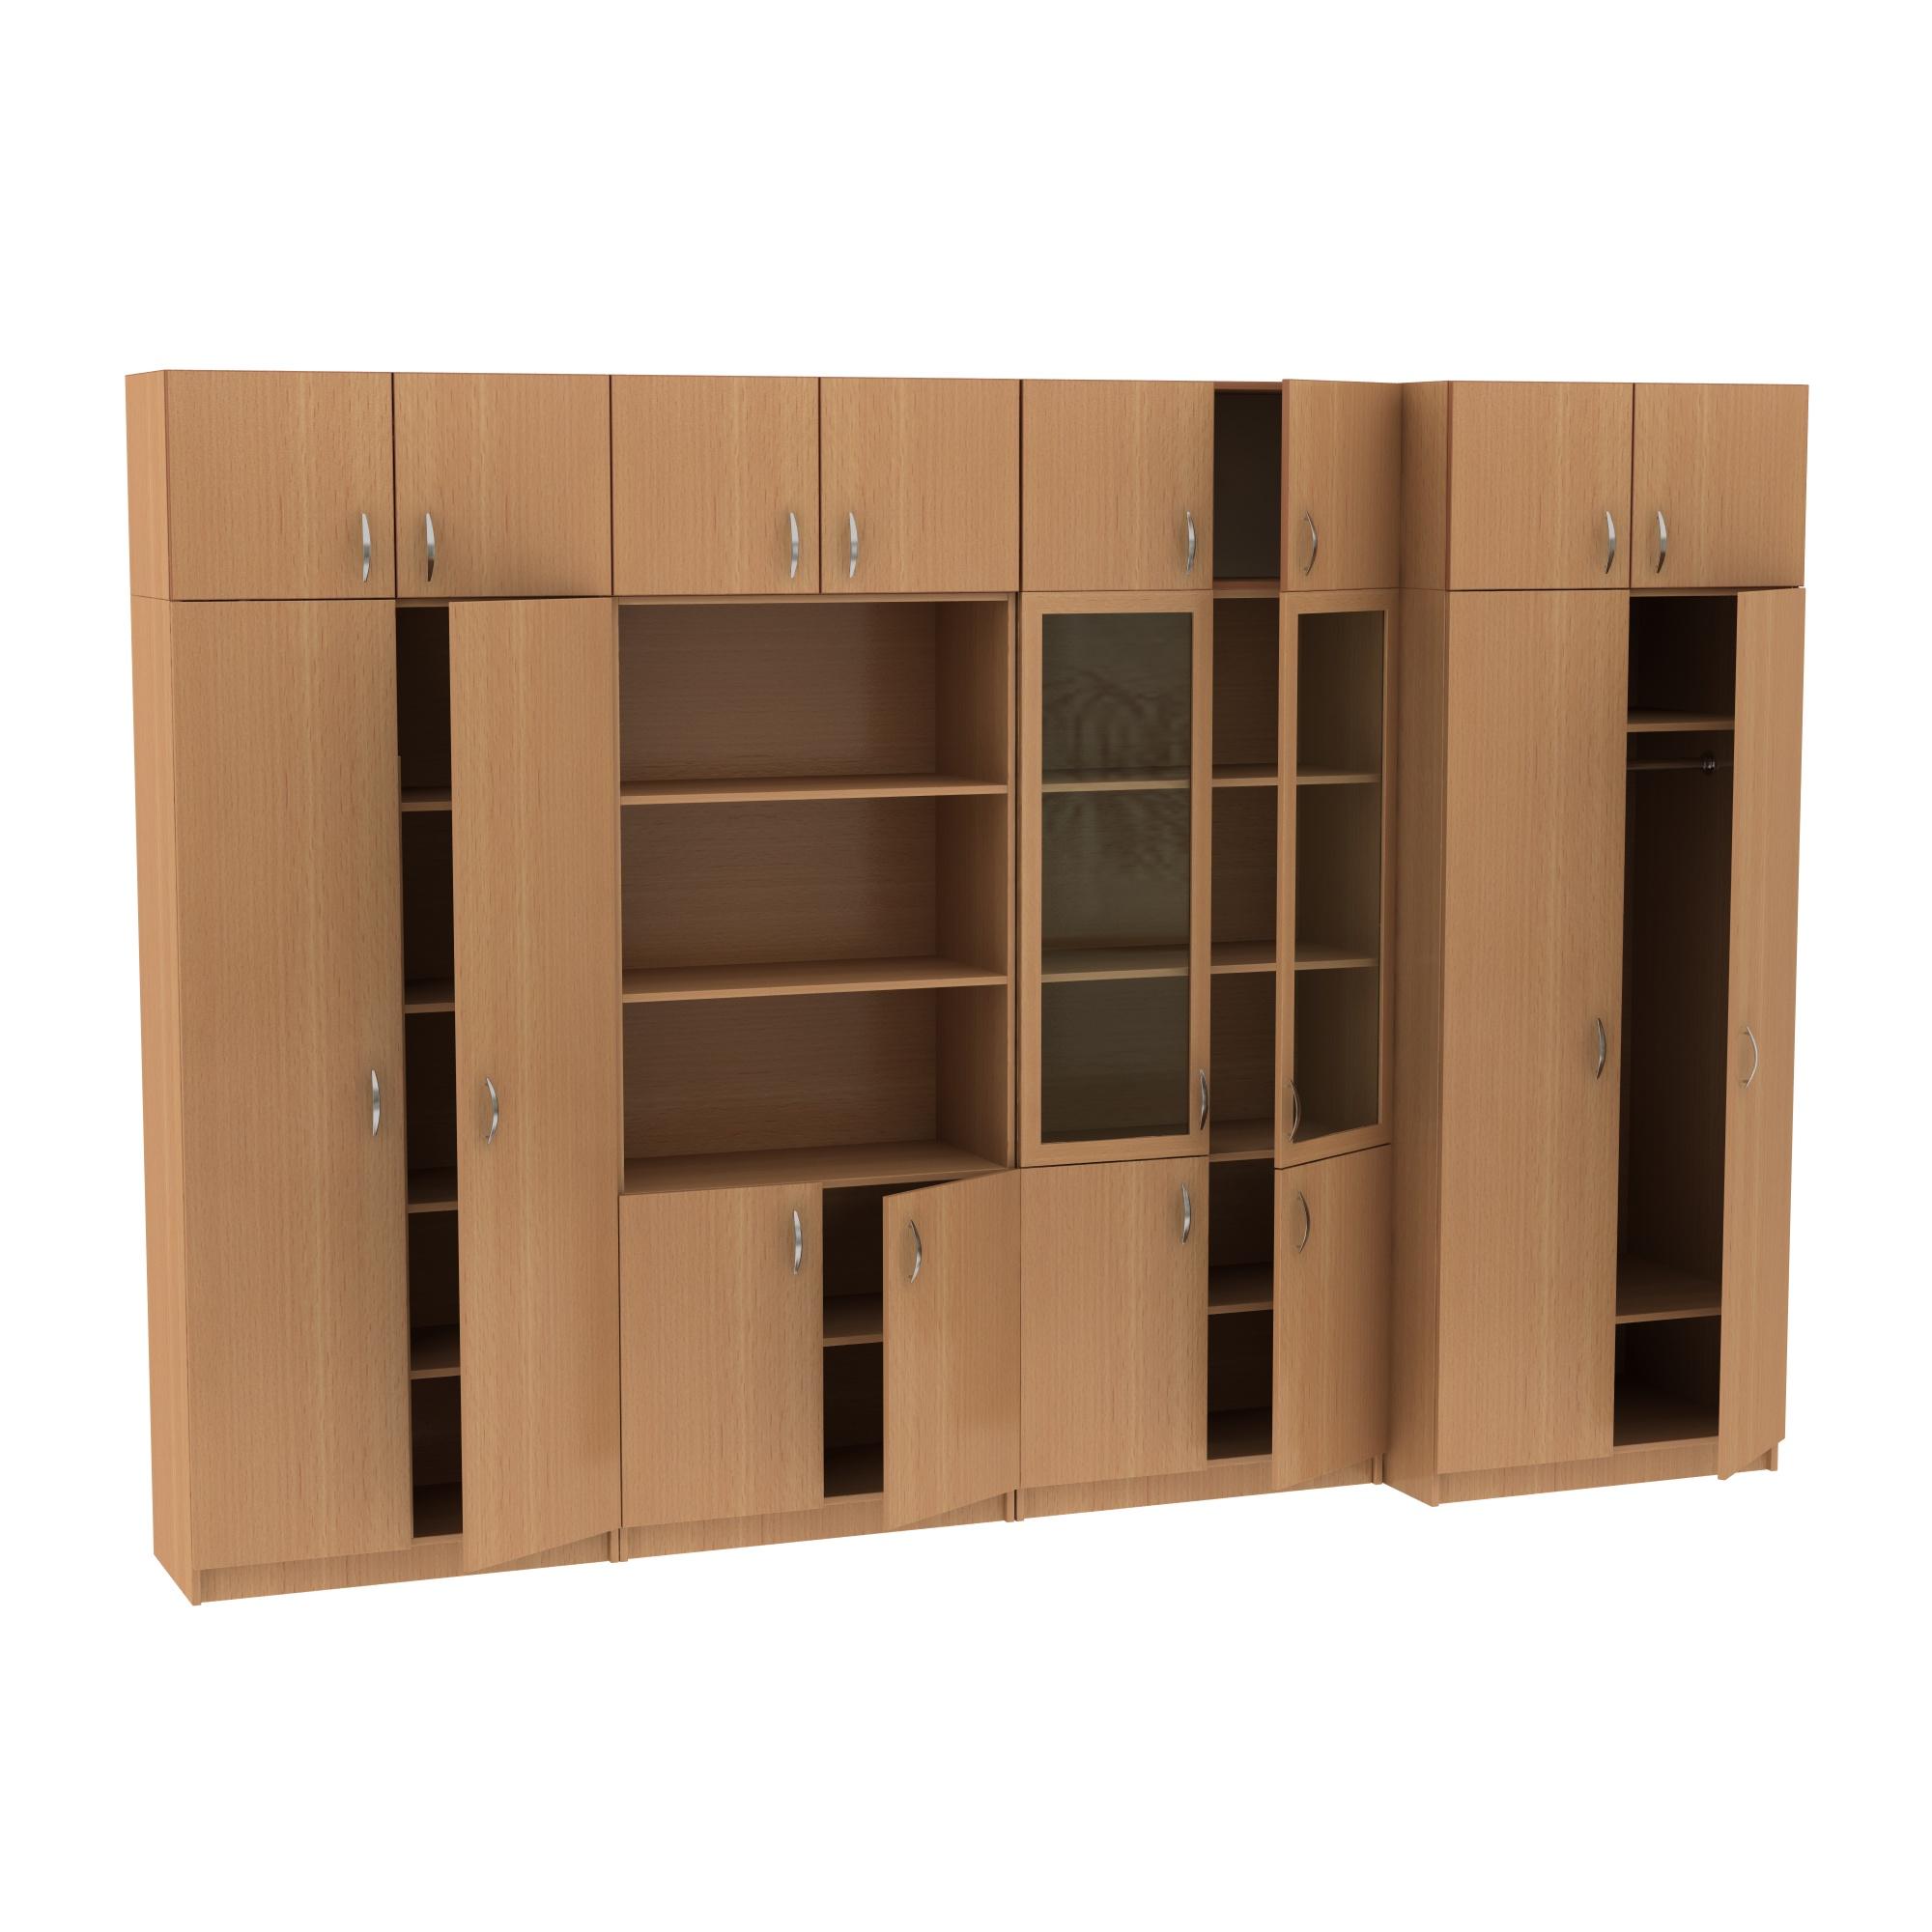 Шкафы в кабинет с антресолями MT 14-34-8 Клен